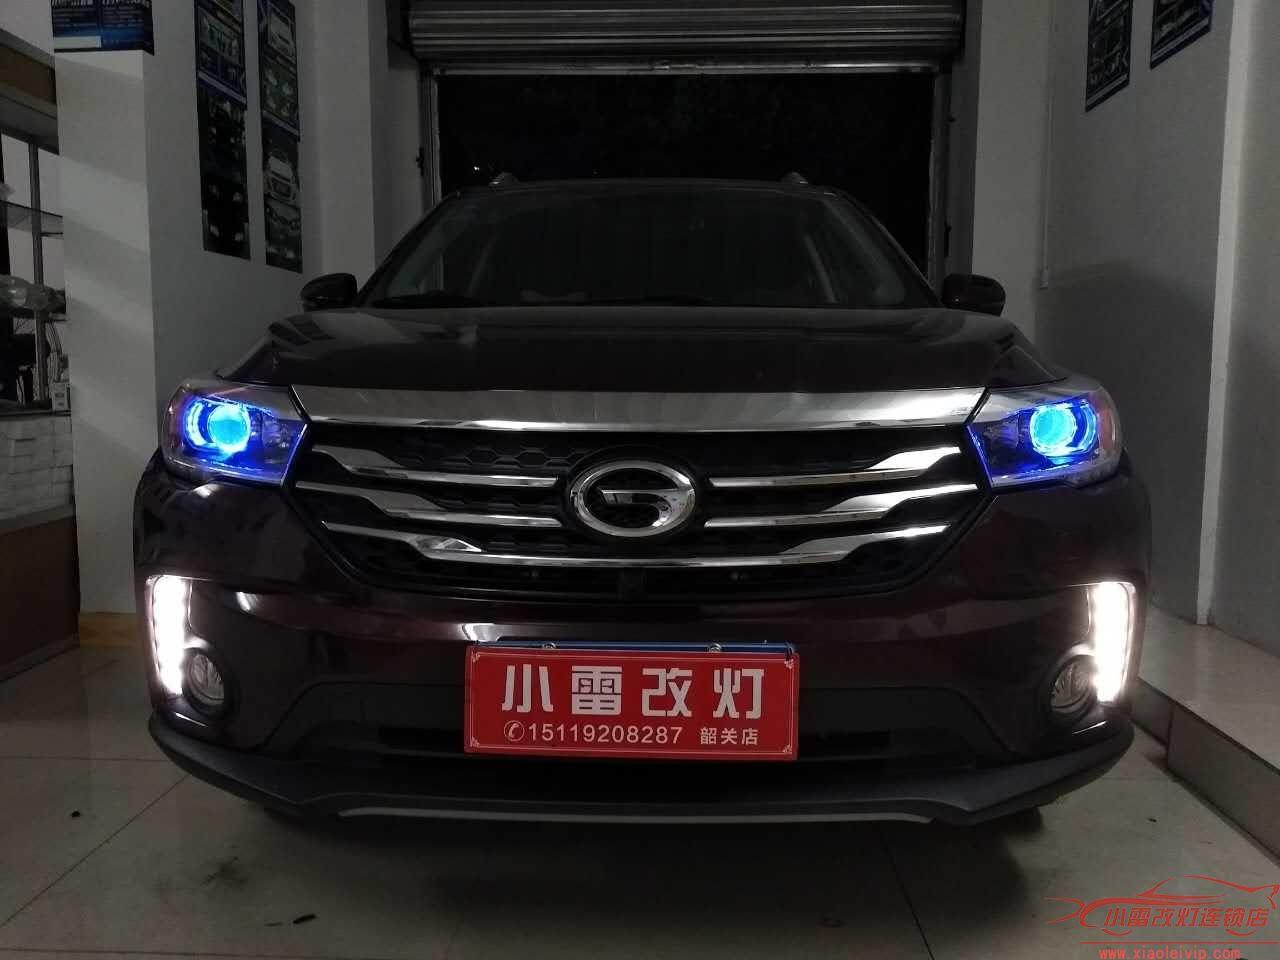 车灯升级实例 | 韶关店传祺GS4升级Q5透镜+恶魔眼+海迪远光氙气灯